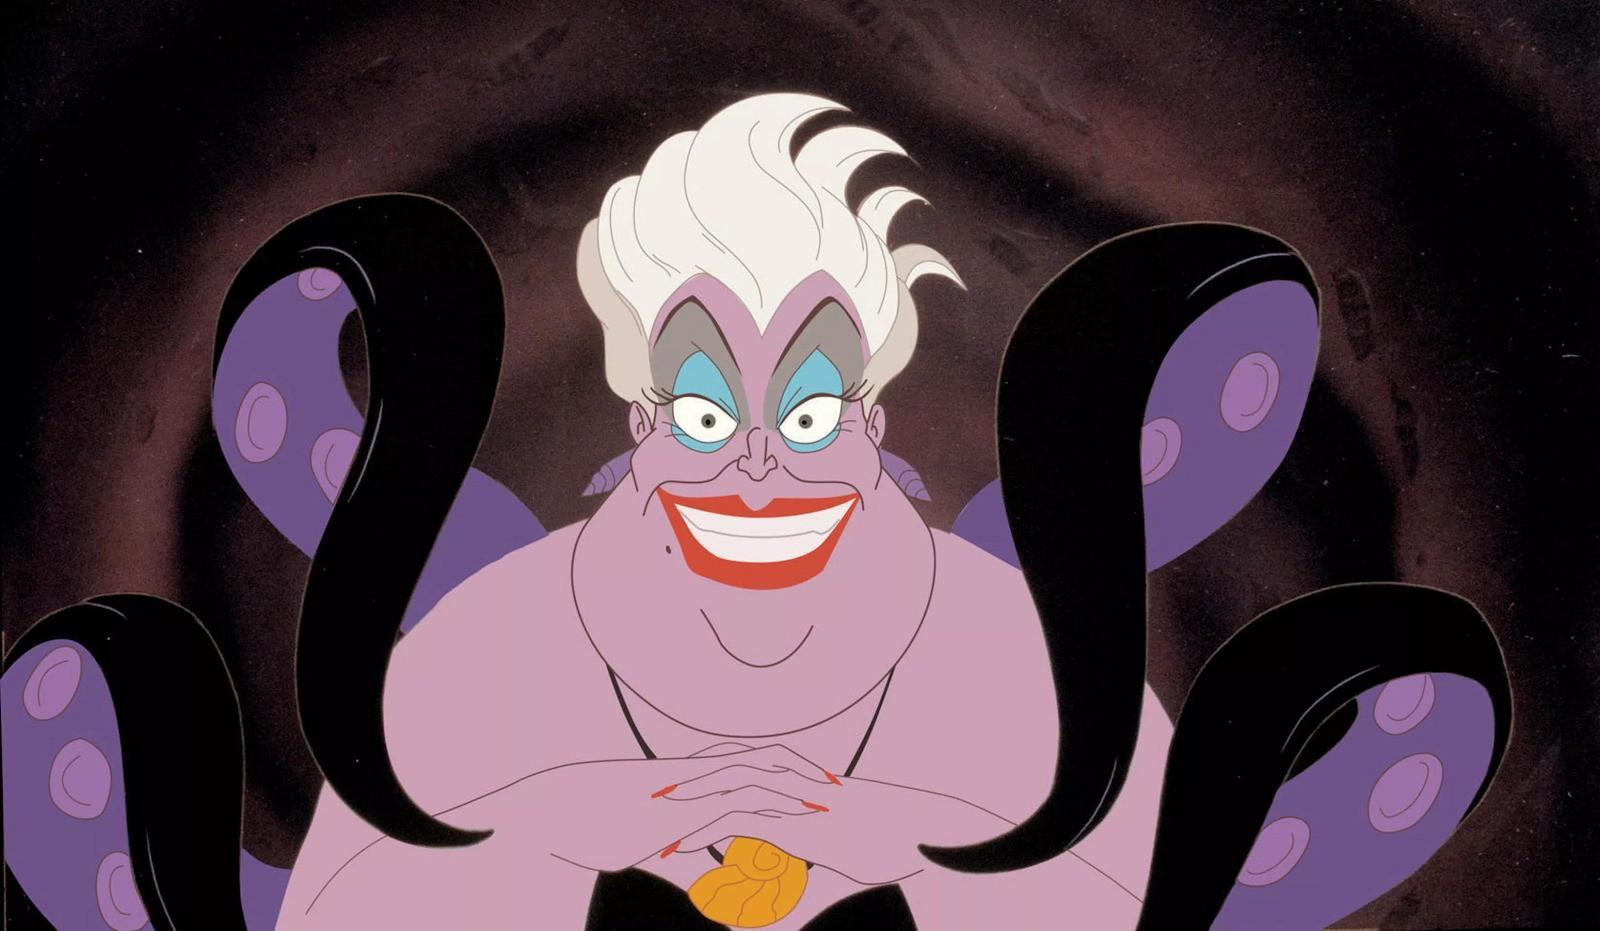 """Nguyên bản câu chuyện Nàng tiên cá: Nữ chính đánh đổi mạng sống vì không thể giết hoàng tử và chẳng hề có bất kỳ """"happy ending"""" nào - Ảnh 4."""